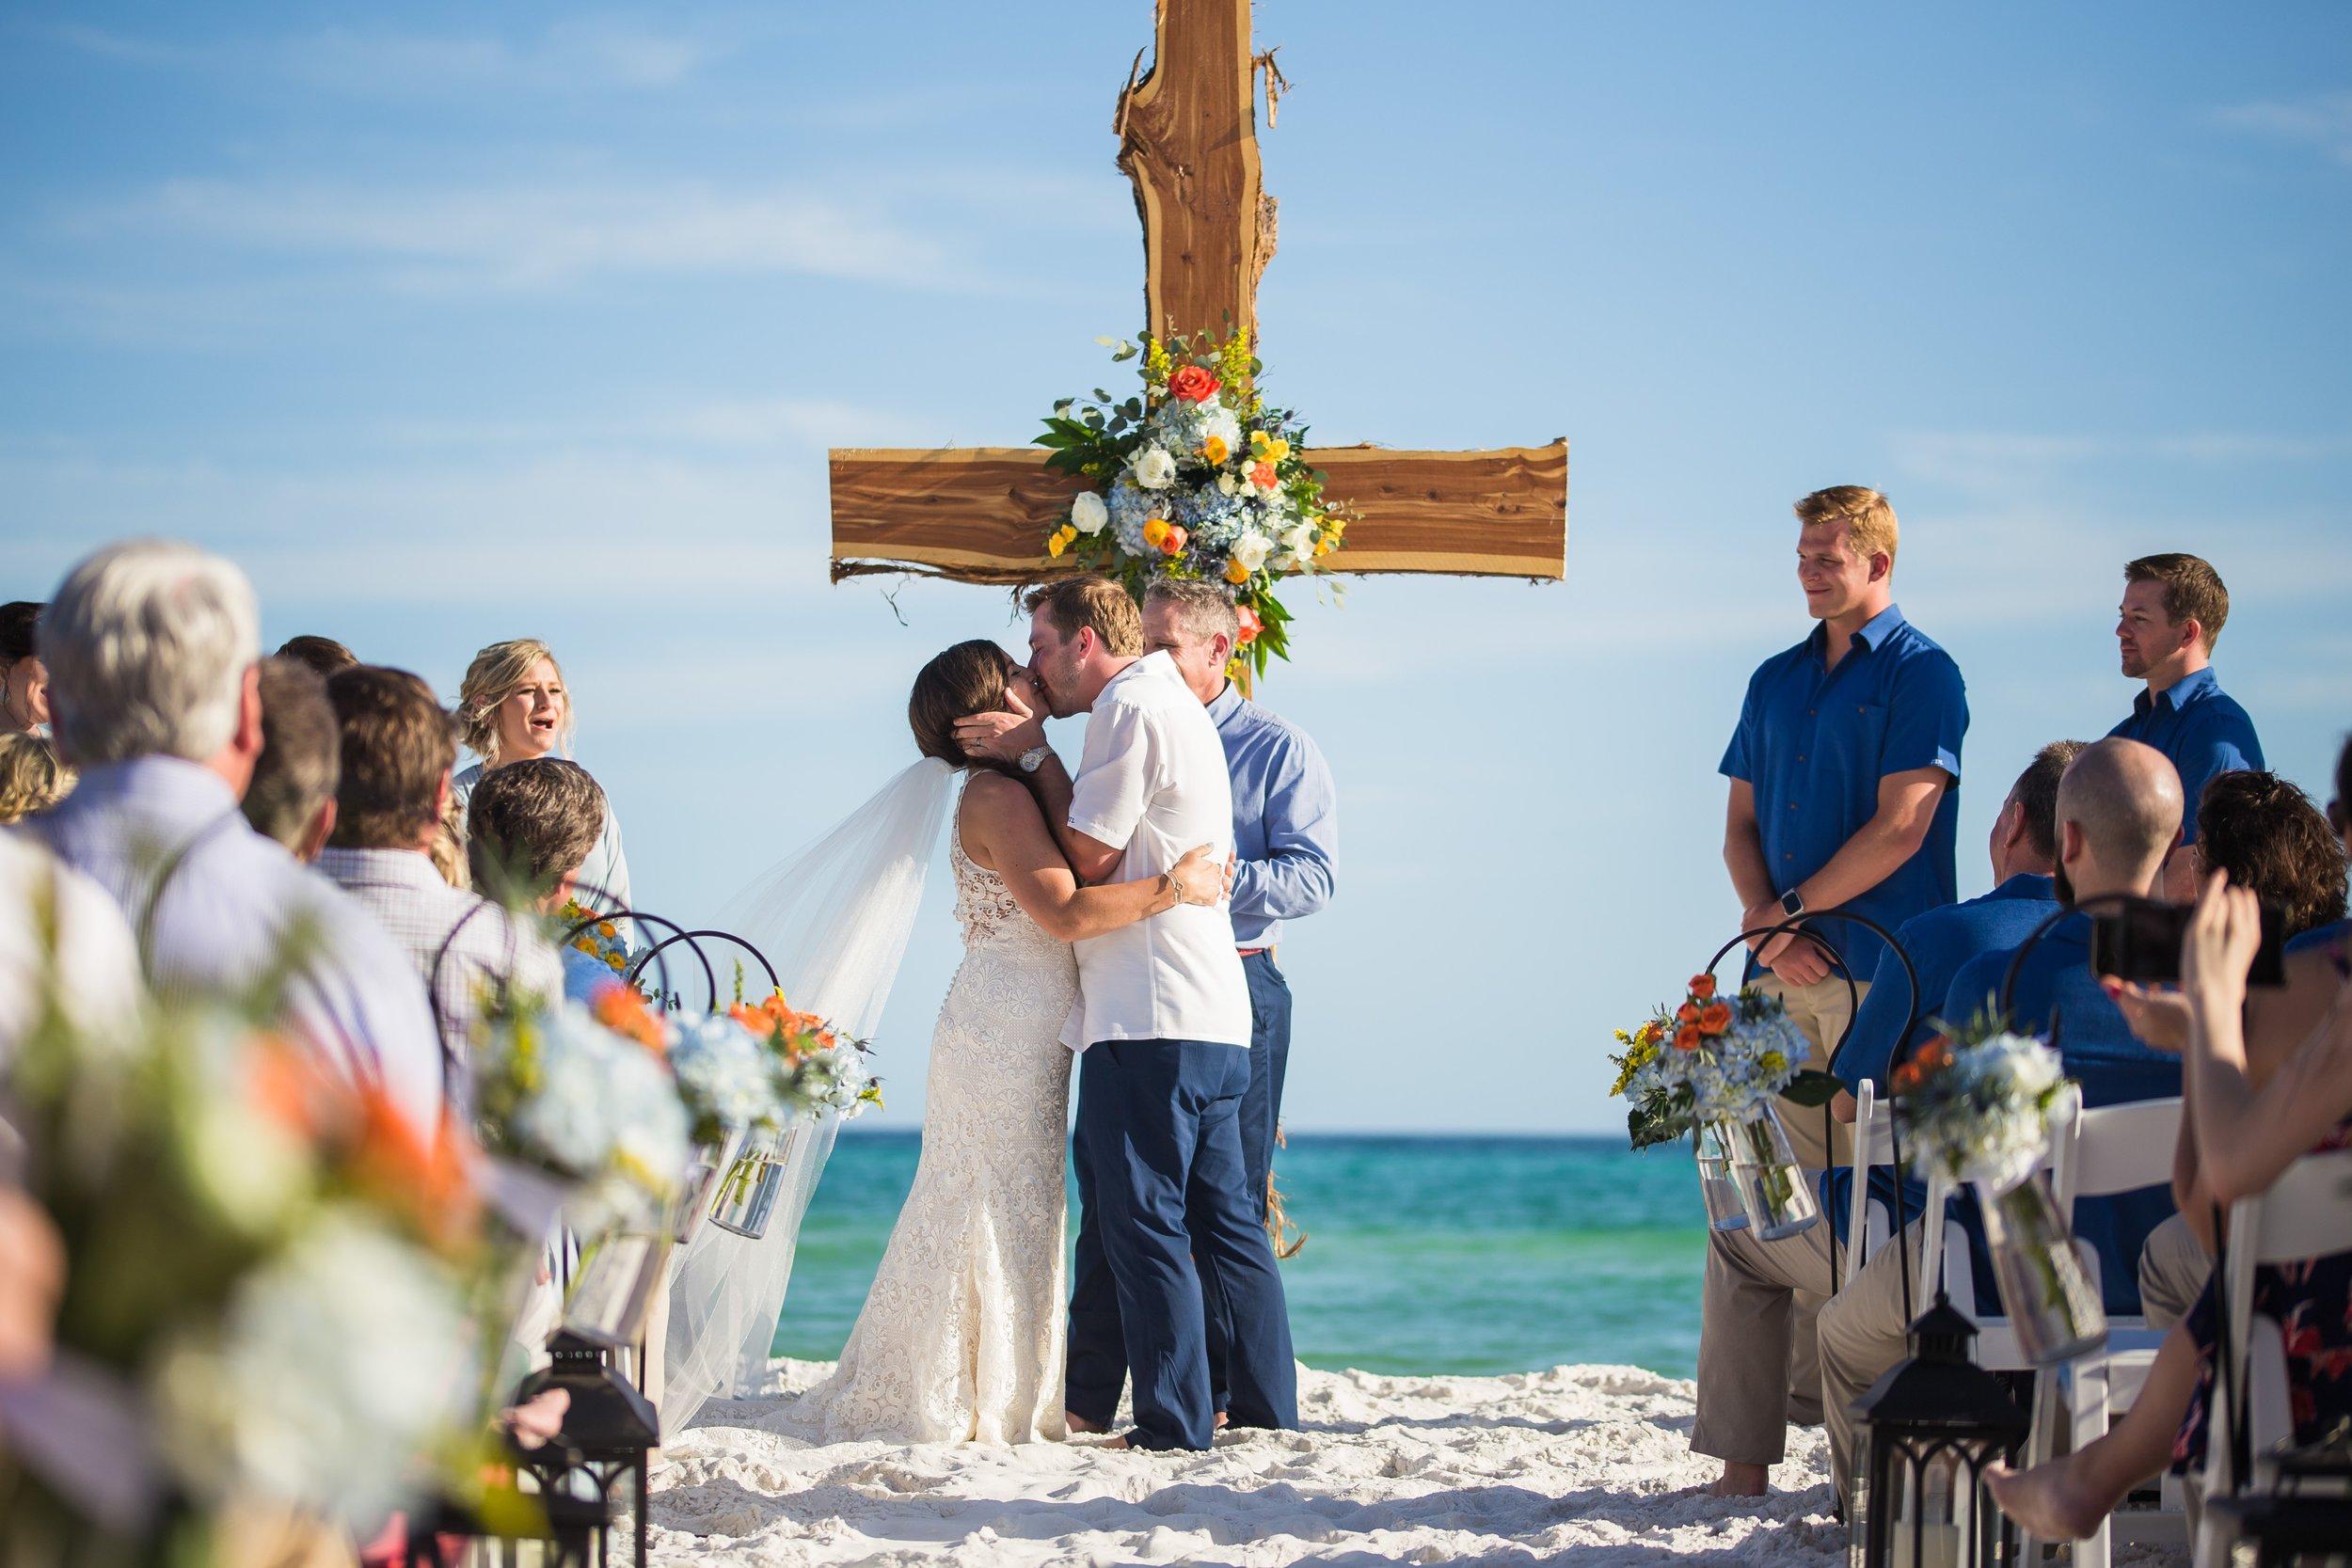 30a-Destin-Florida-Wedding-Photography-Caydee-Matt_031.jpg